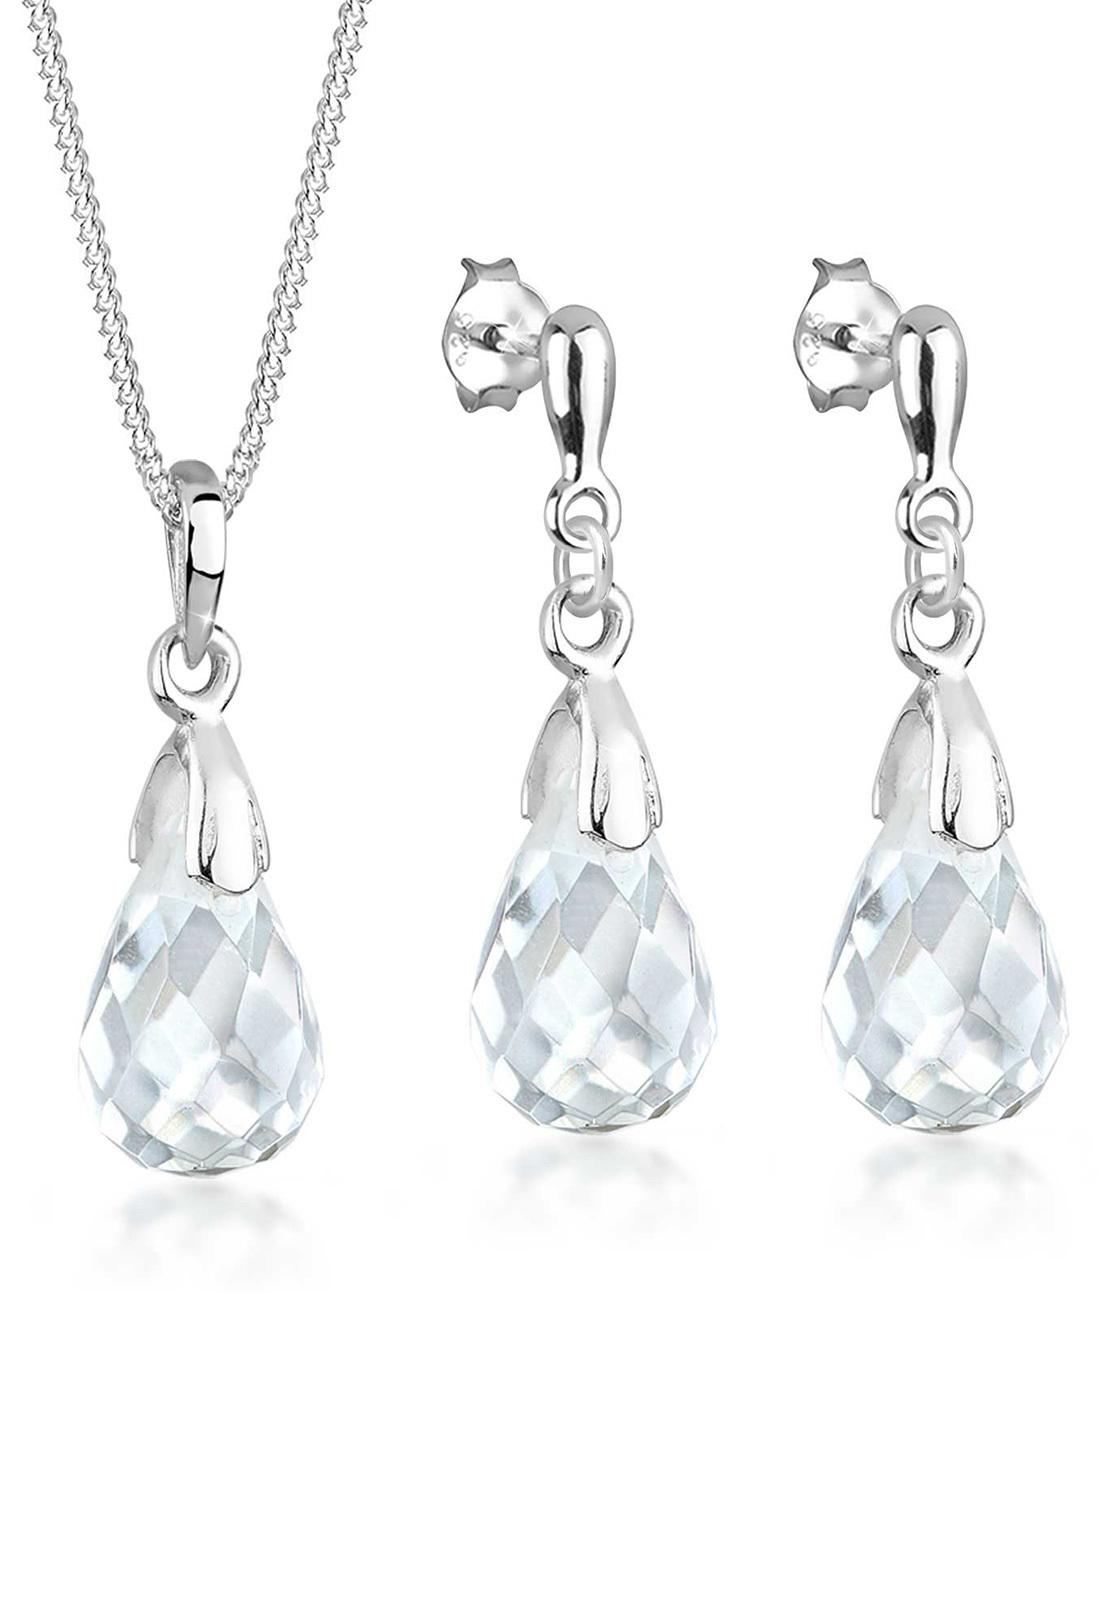 Schmuckset Tropfen | Kristall ( Weiß ) | 925er Sterling Silber